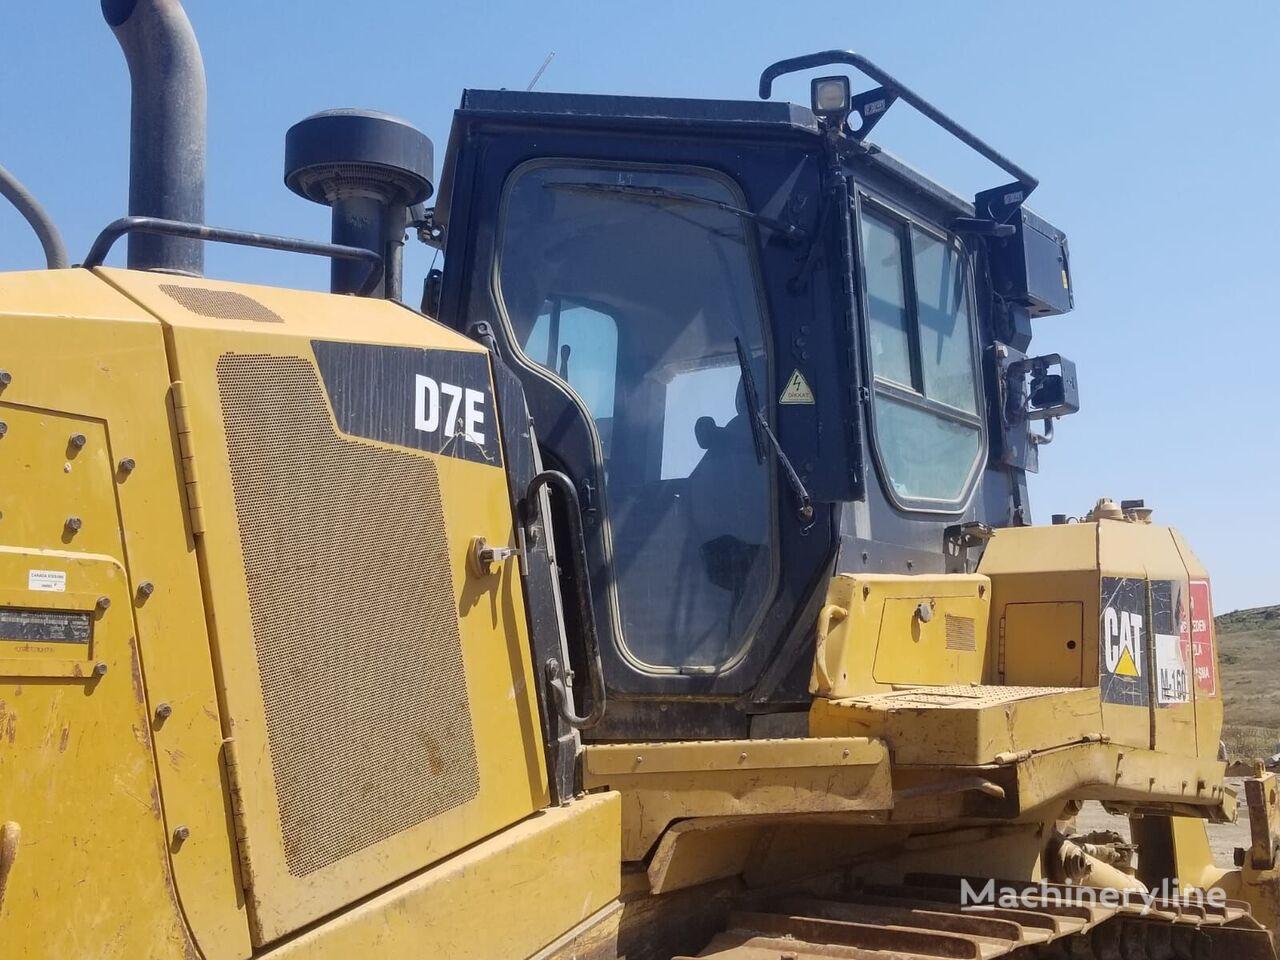 CATERPILLAR D7E bulldozer